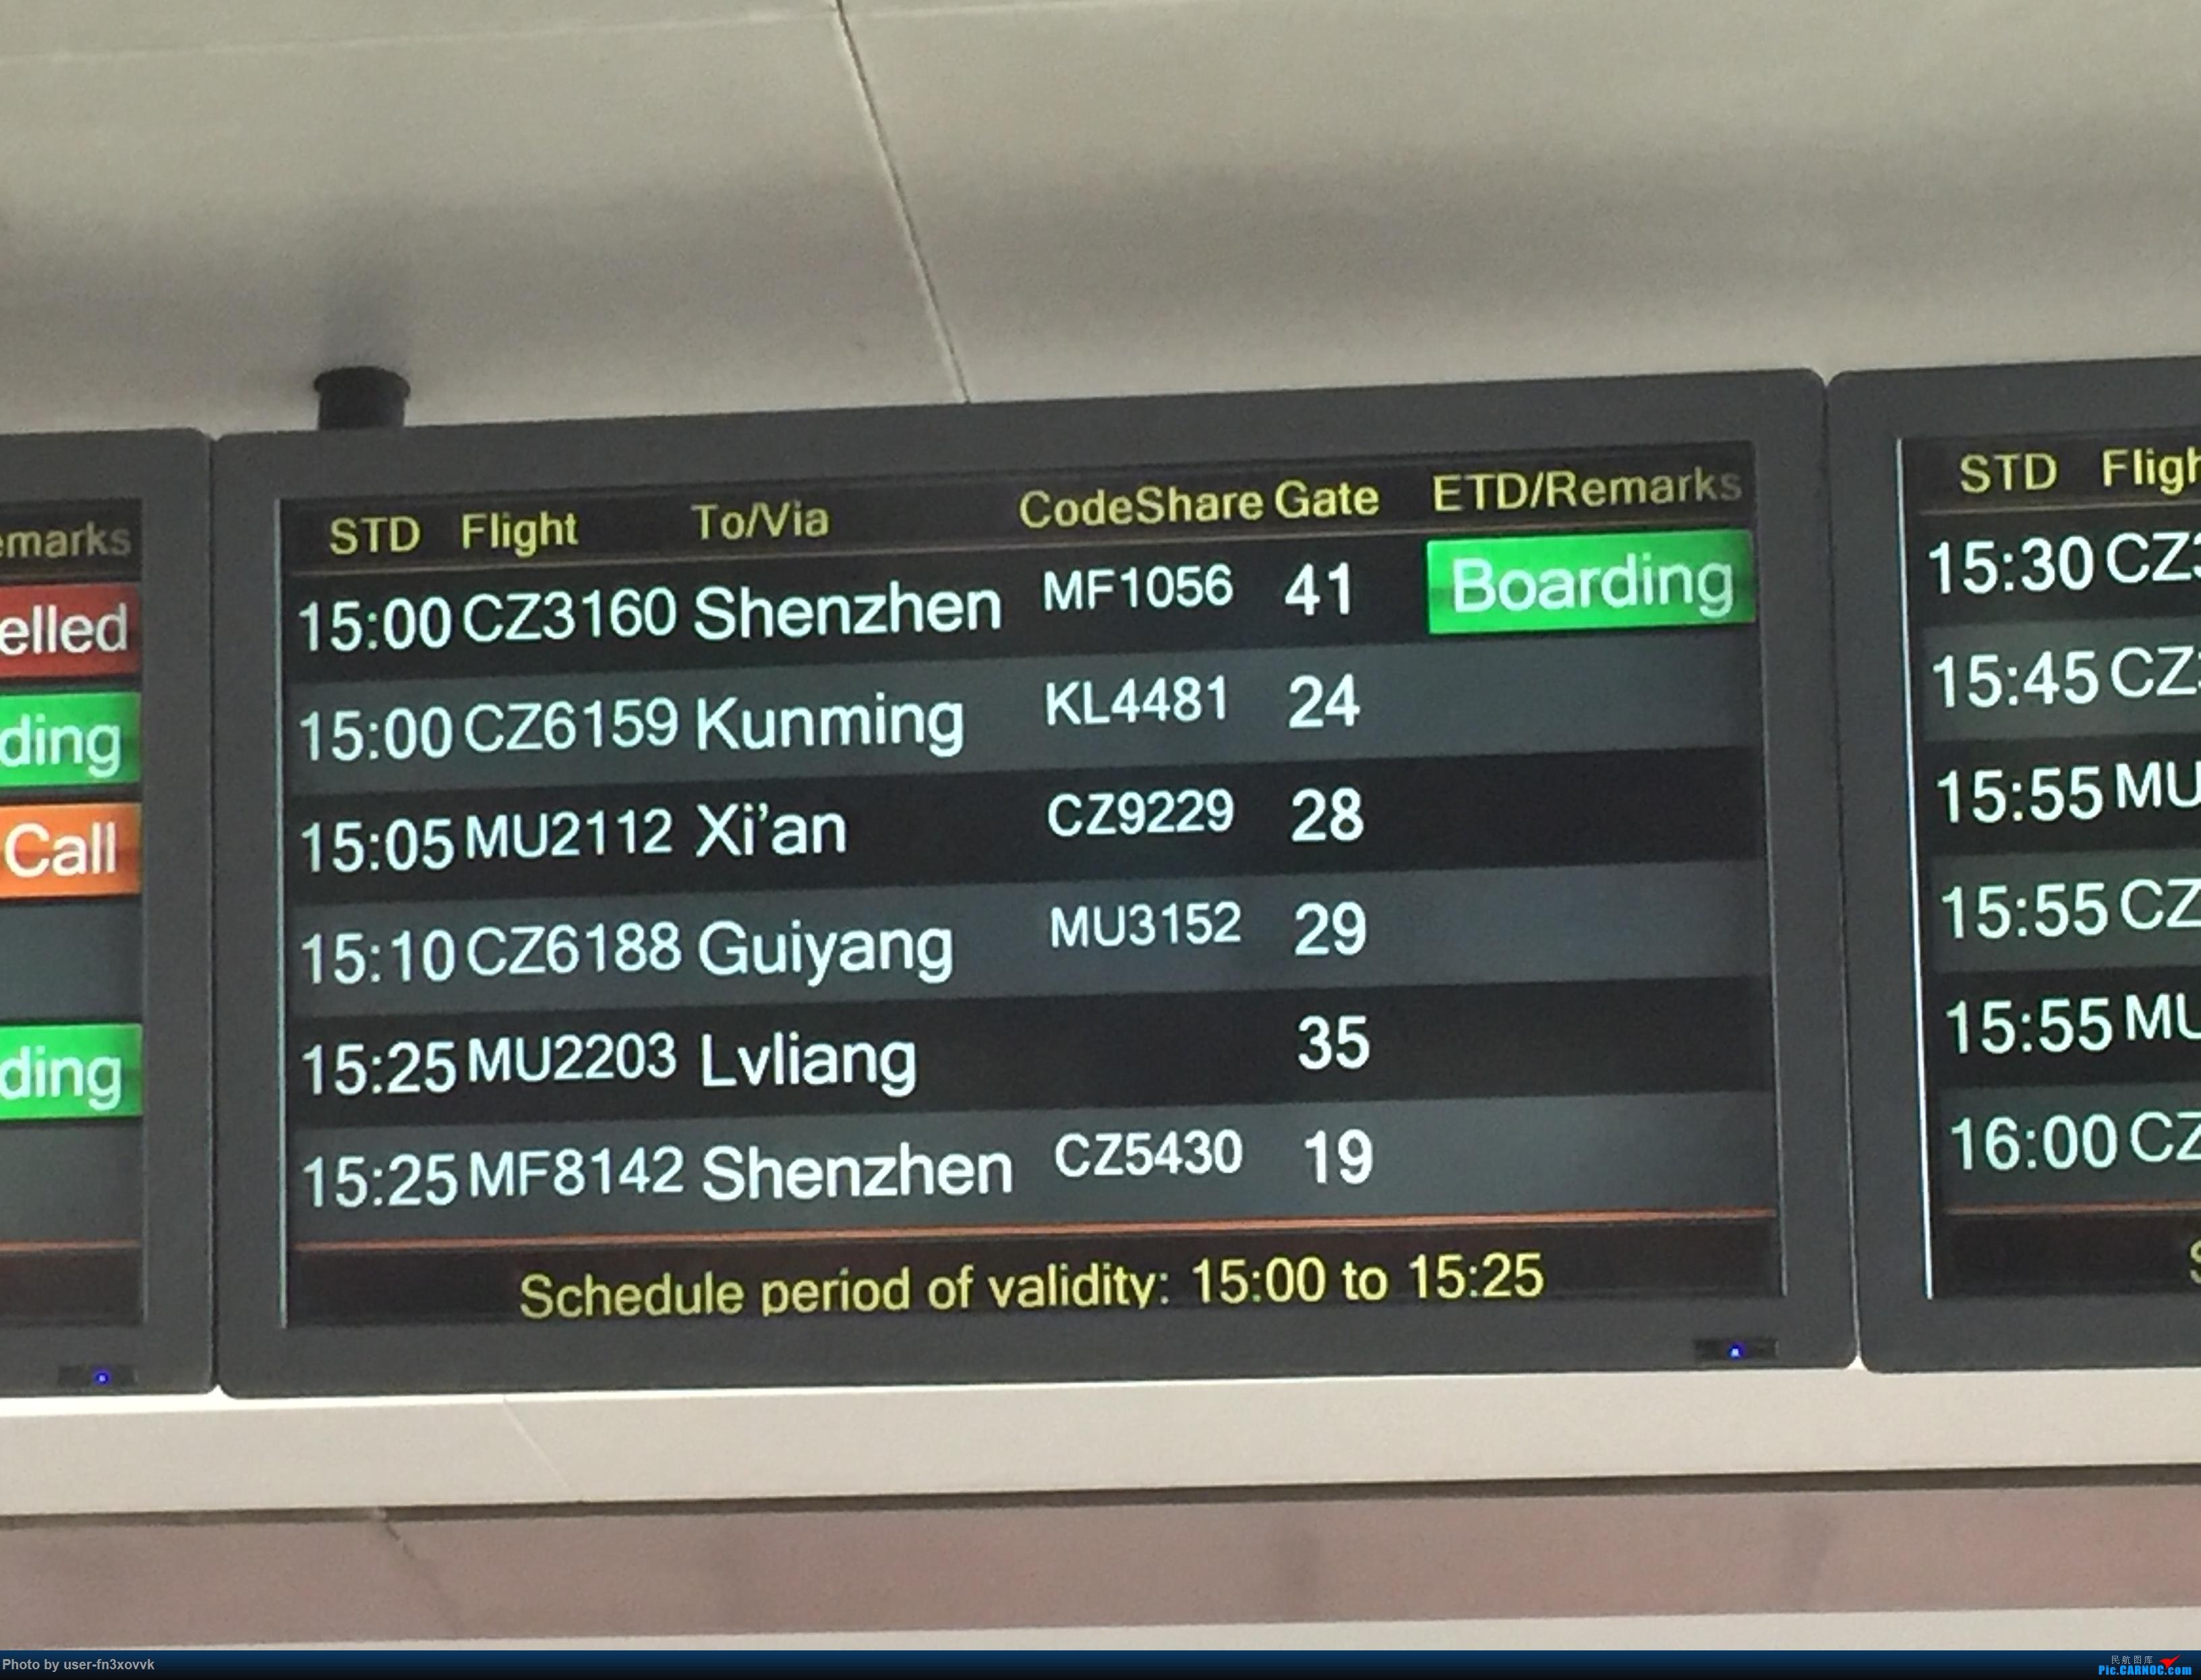 Re:[原创]【user-fn3xowk的游记】第二季第一集 MU2112&MU9641解锁新机型A319及深夜航班    中国北京首都国际机场